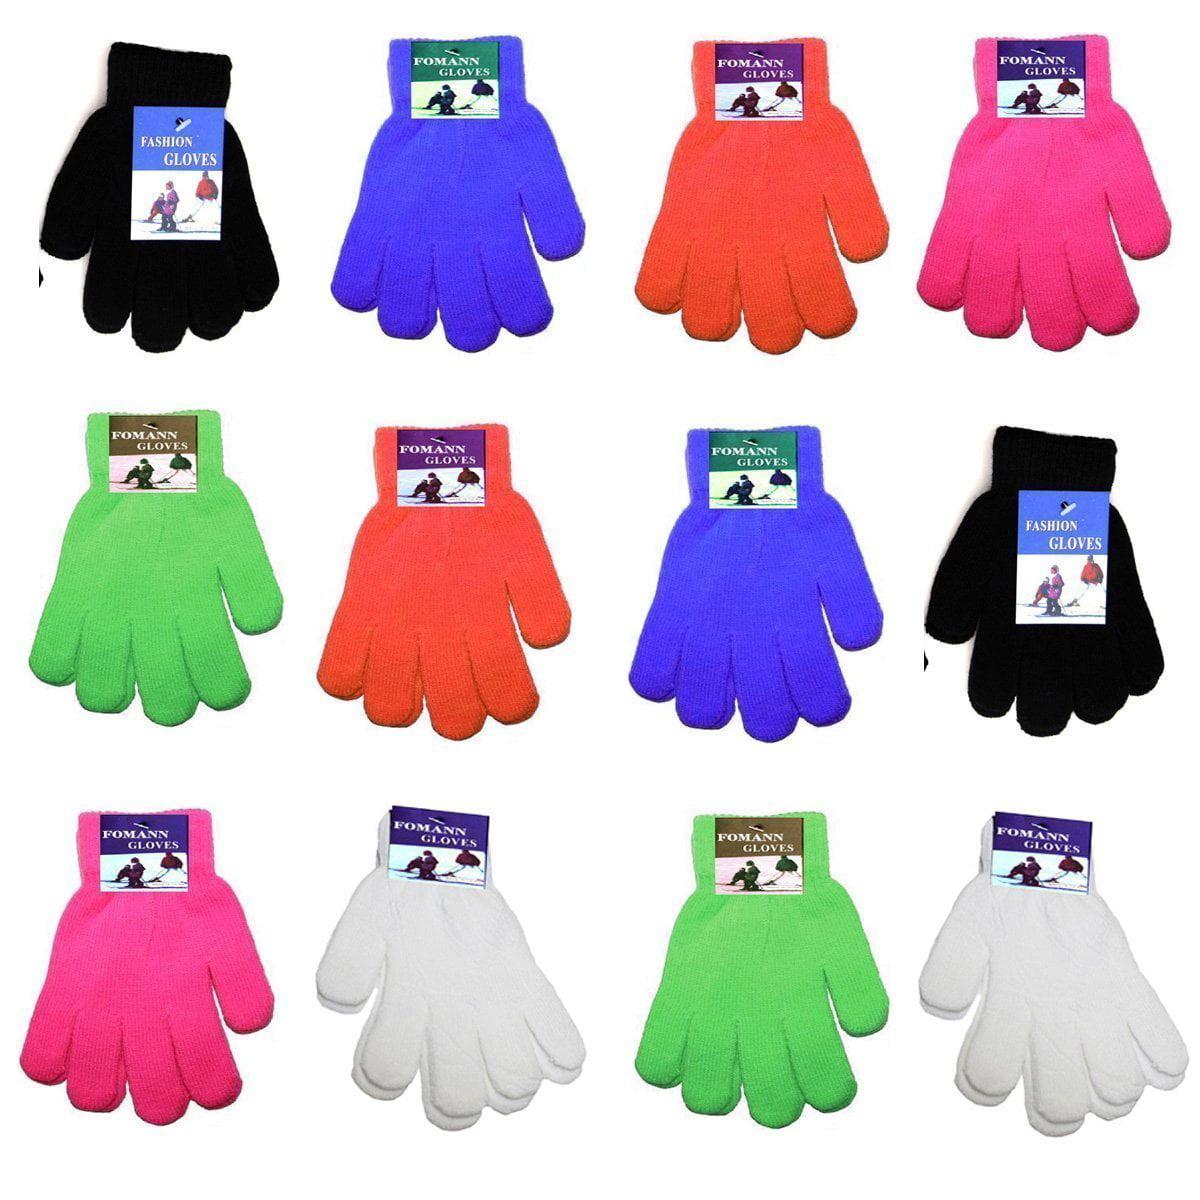 Children Warm Magic Gloves Teens Winter Gloves Boys Girls Knit Gloves(7 to 16 years old)